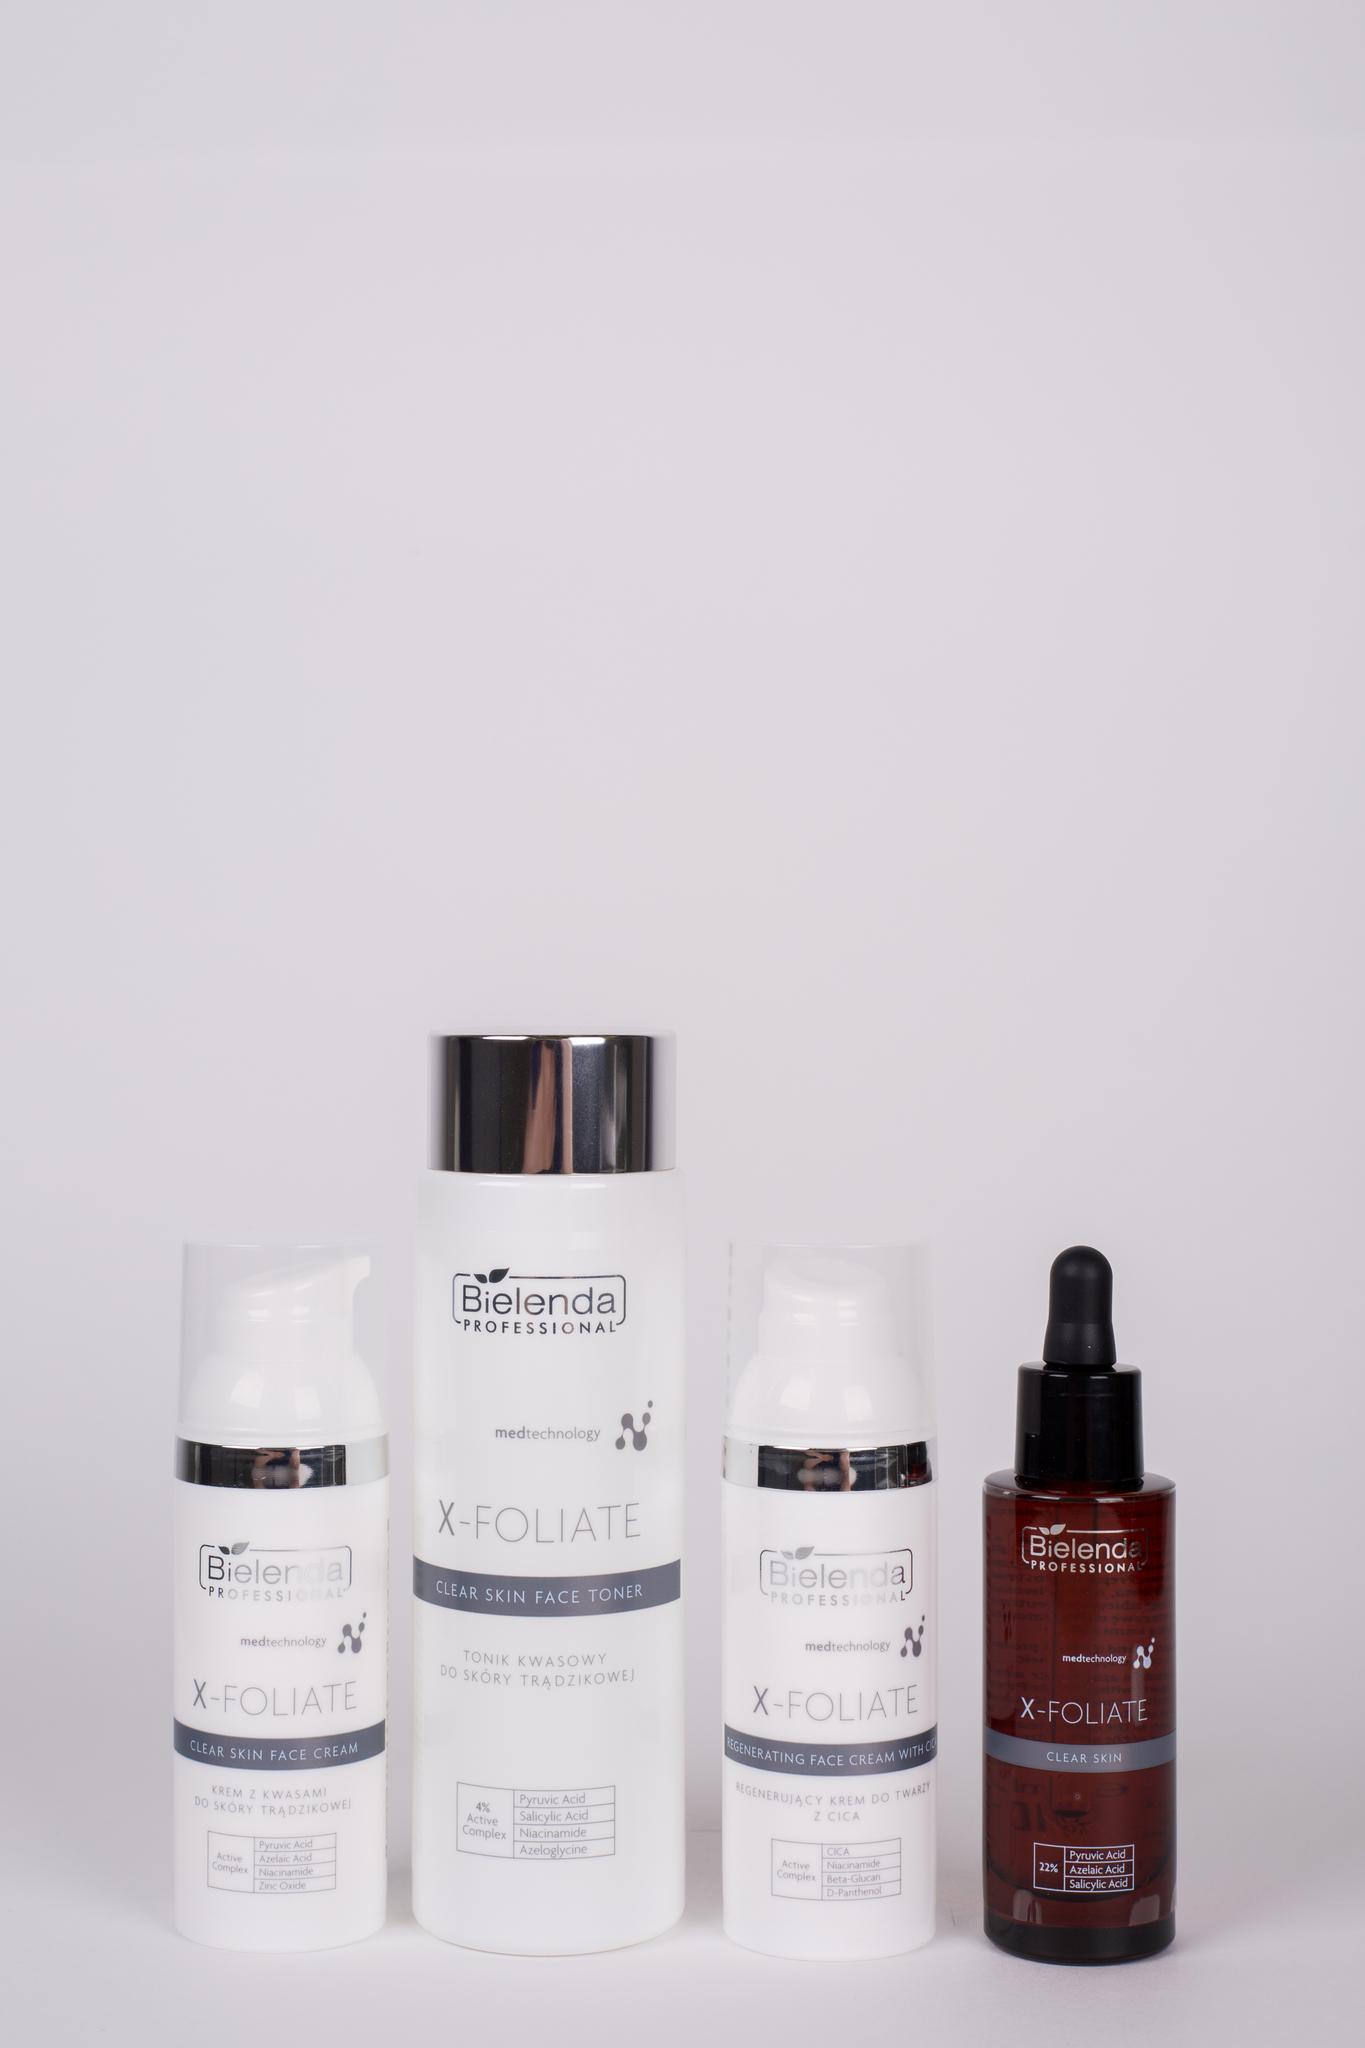 X-FOLIATE Clear Skin Пилинг для жирной кожи лица, предрасположенной  к акне, 30 мл.